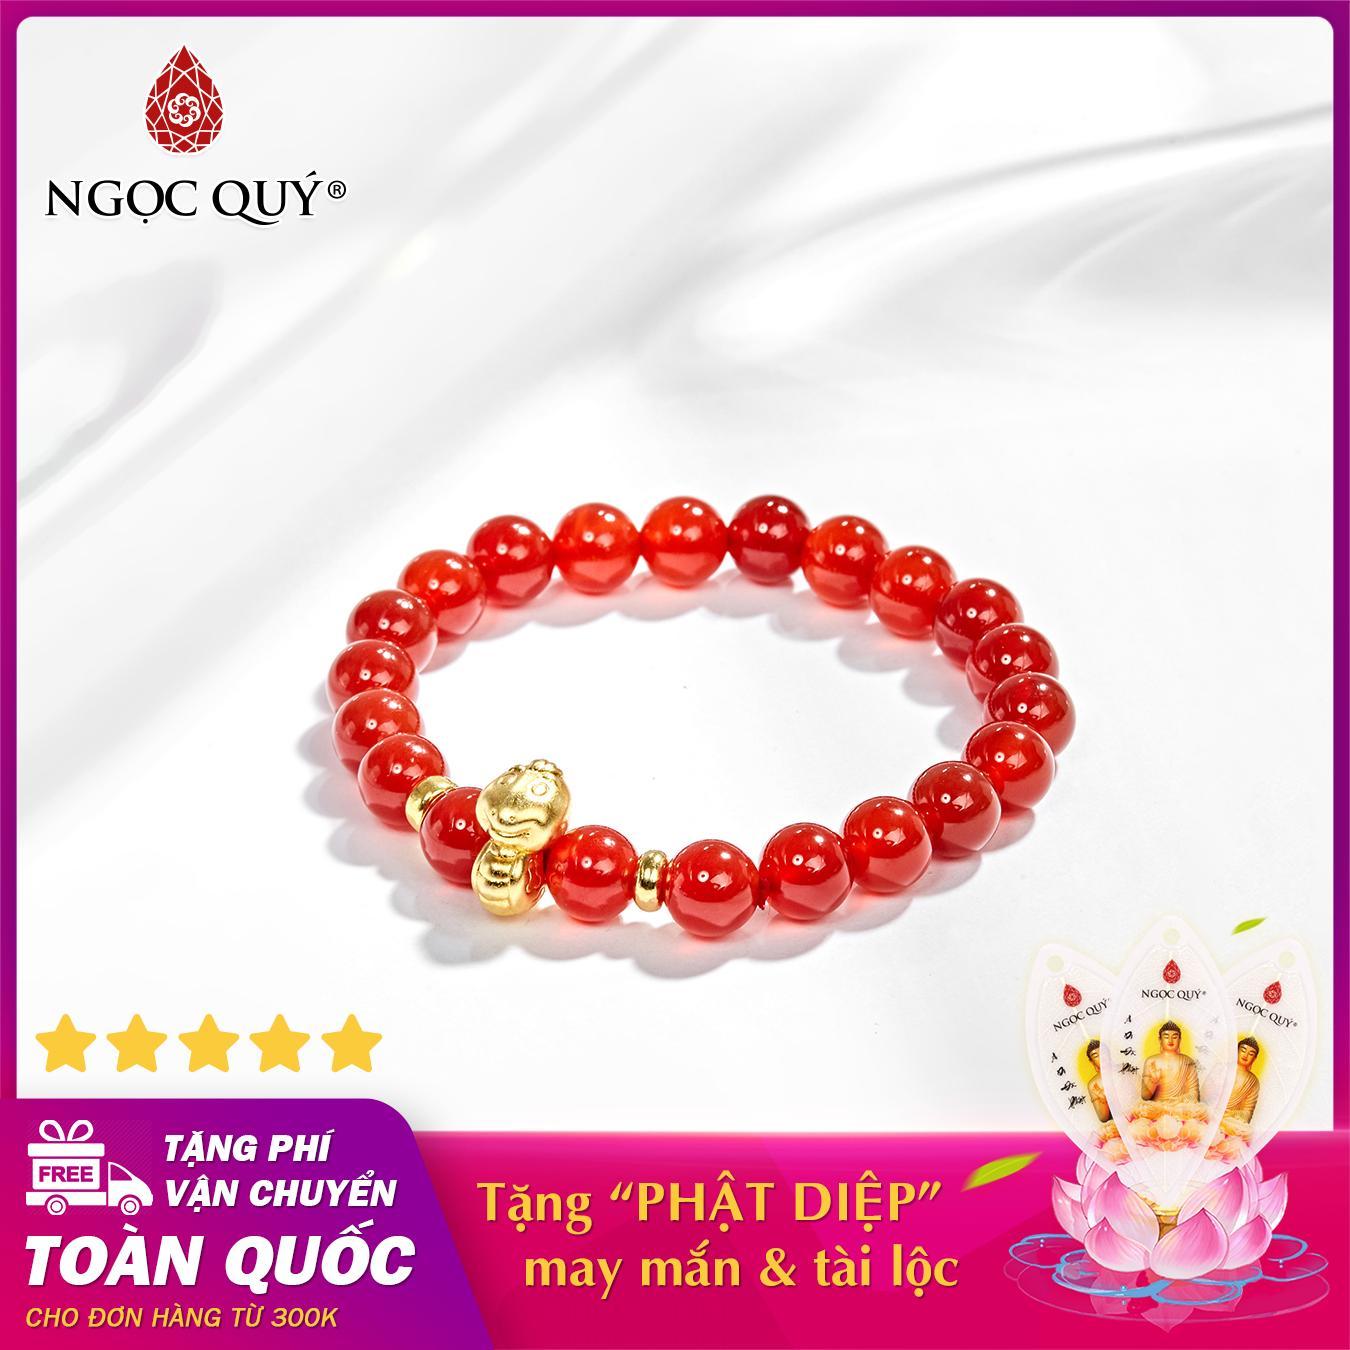 Vòng tay phong thủy đá mã não đỏ charm tuổi tỵ bạc mạ vàng 24k 8mm mệnh hỏa , thổ - Ngọc Quý Gemstones